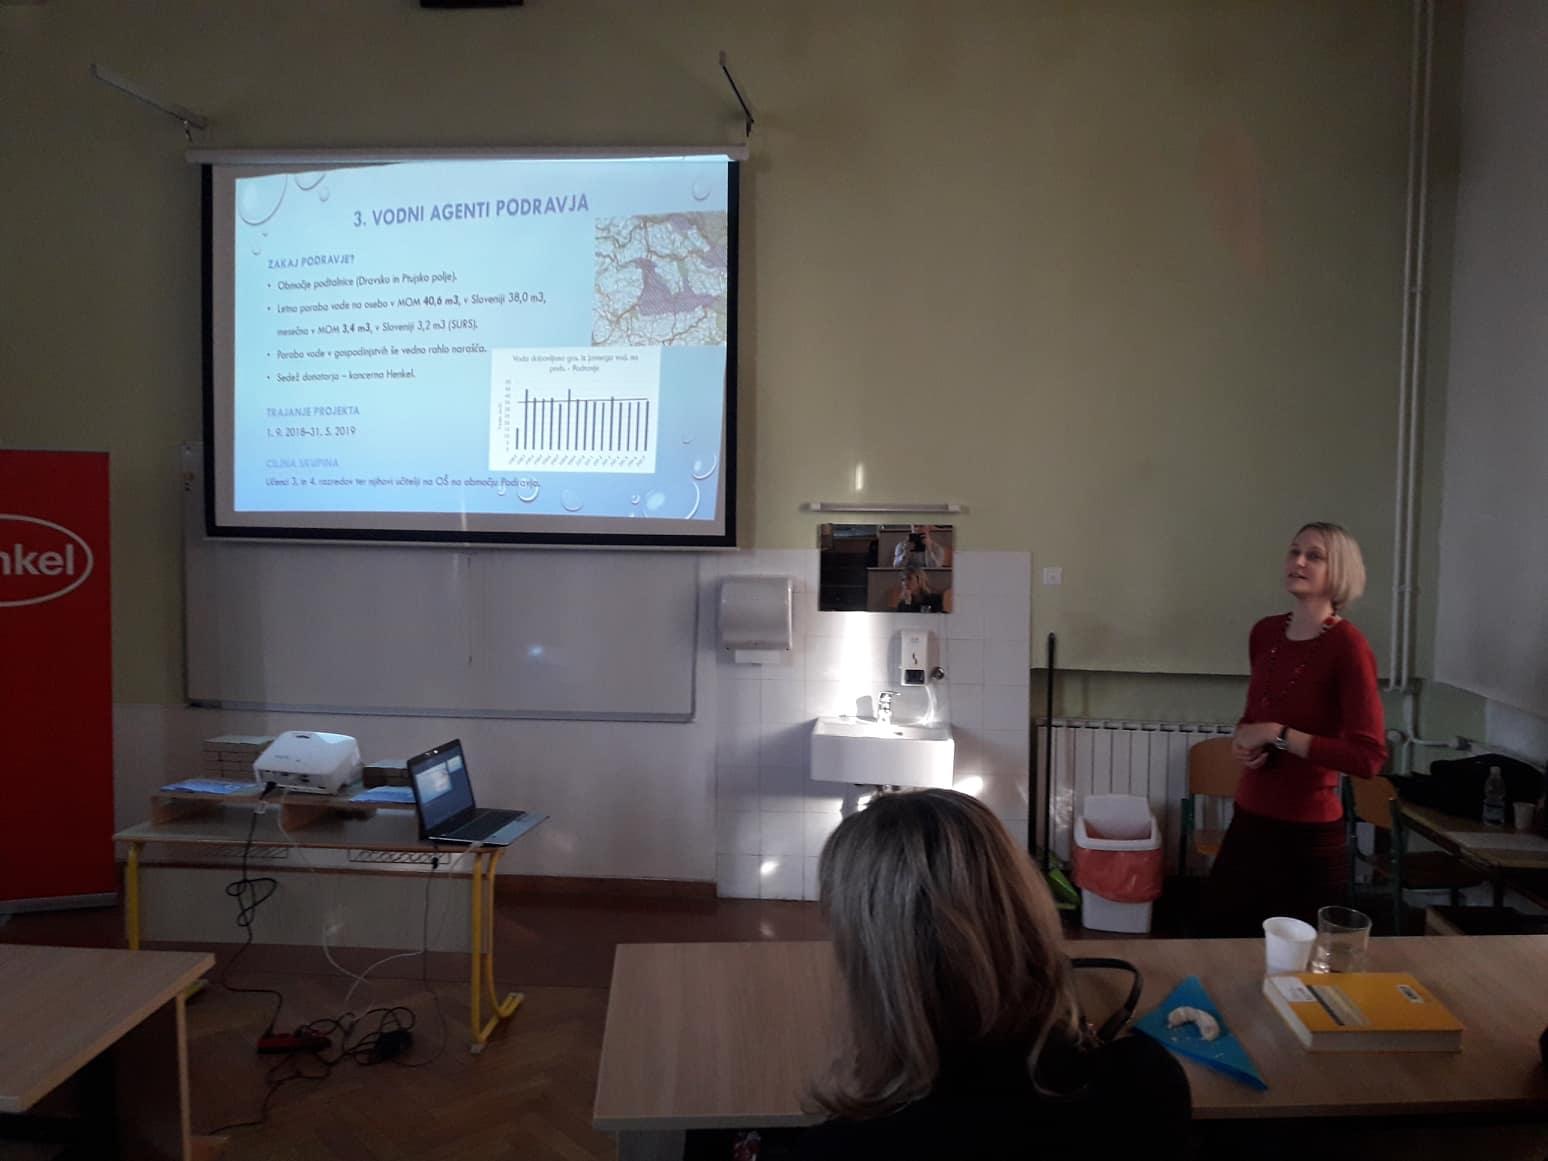 Aktivno spremljanje porabe vode v šolskih učilnicah